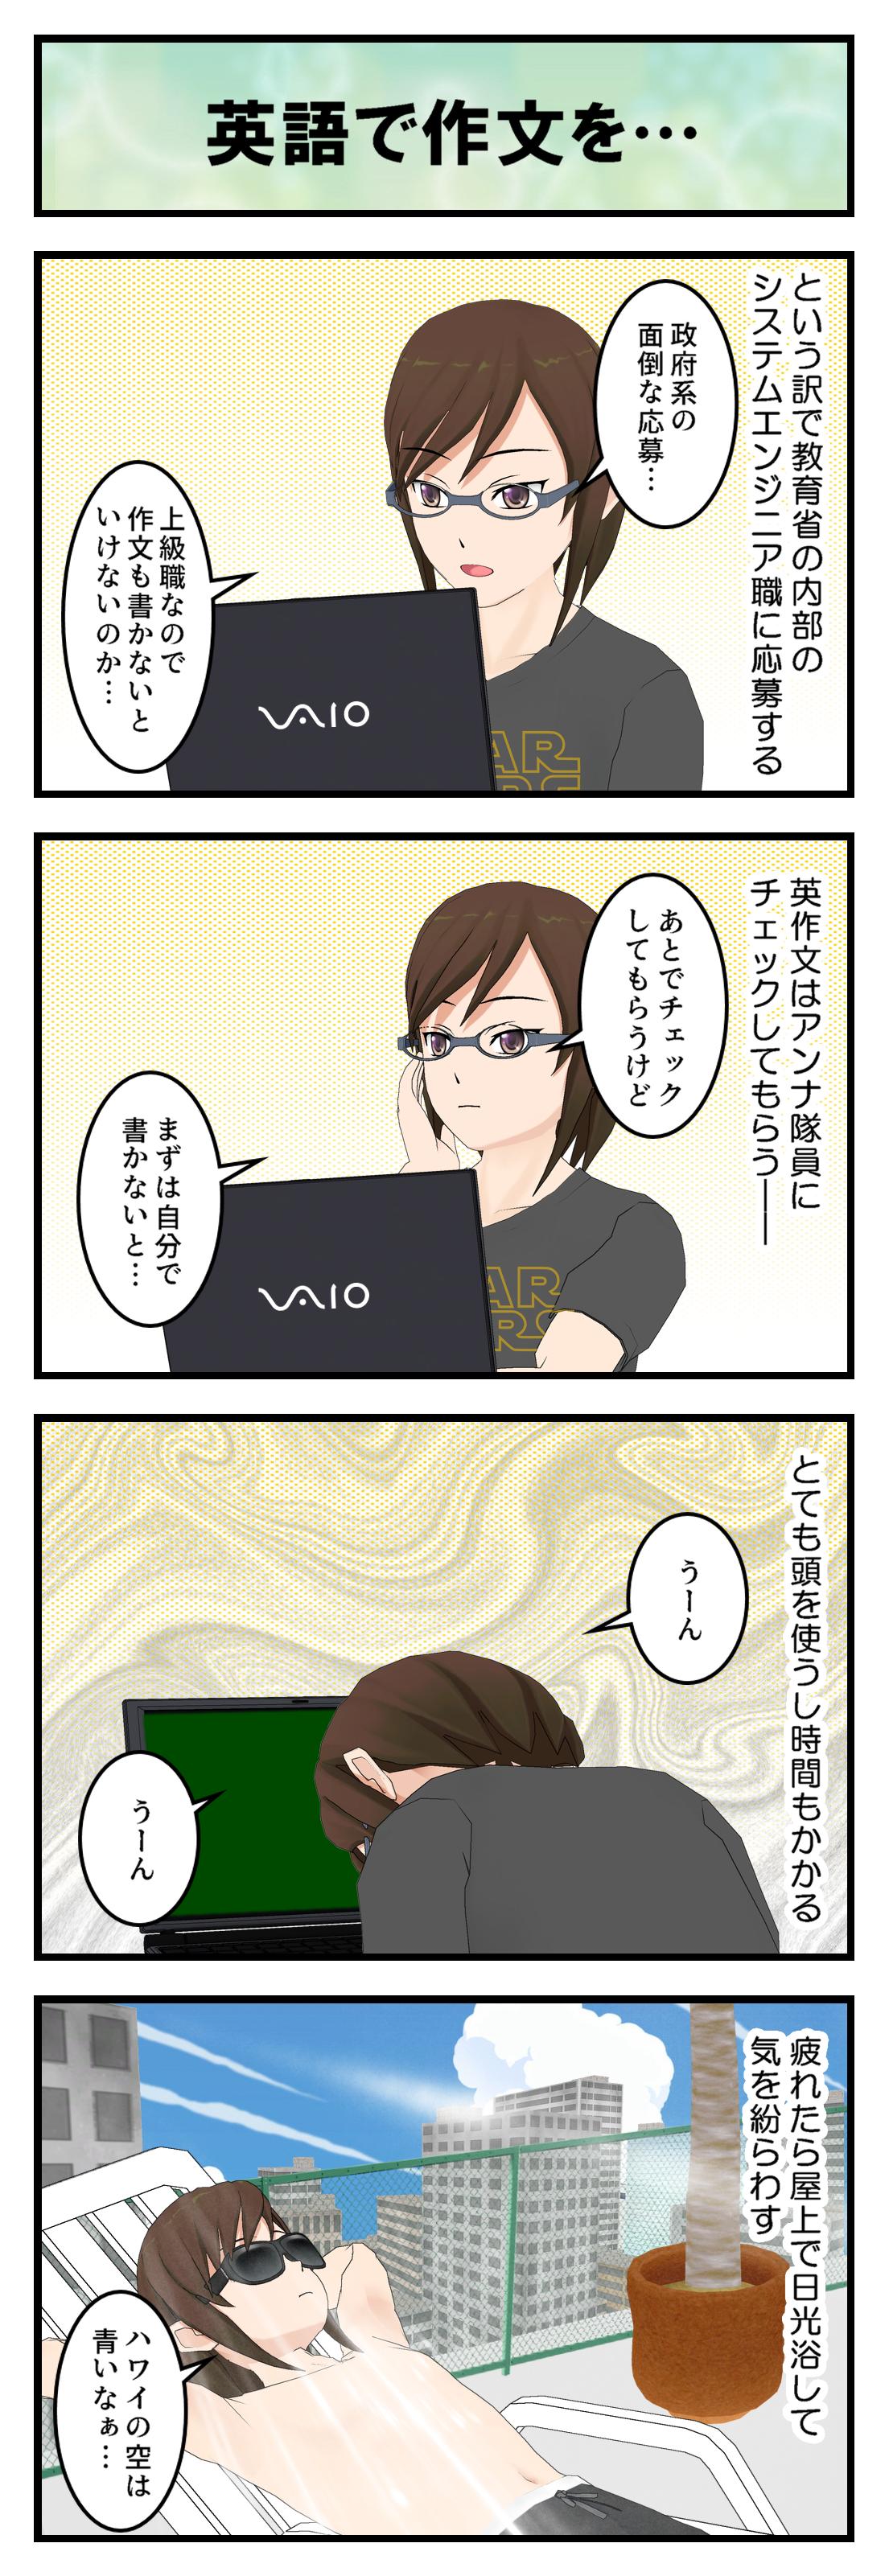 R456_DOE応募2_001